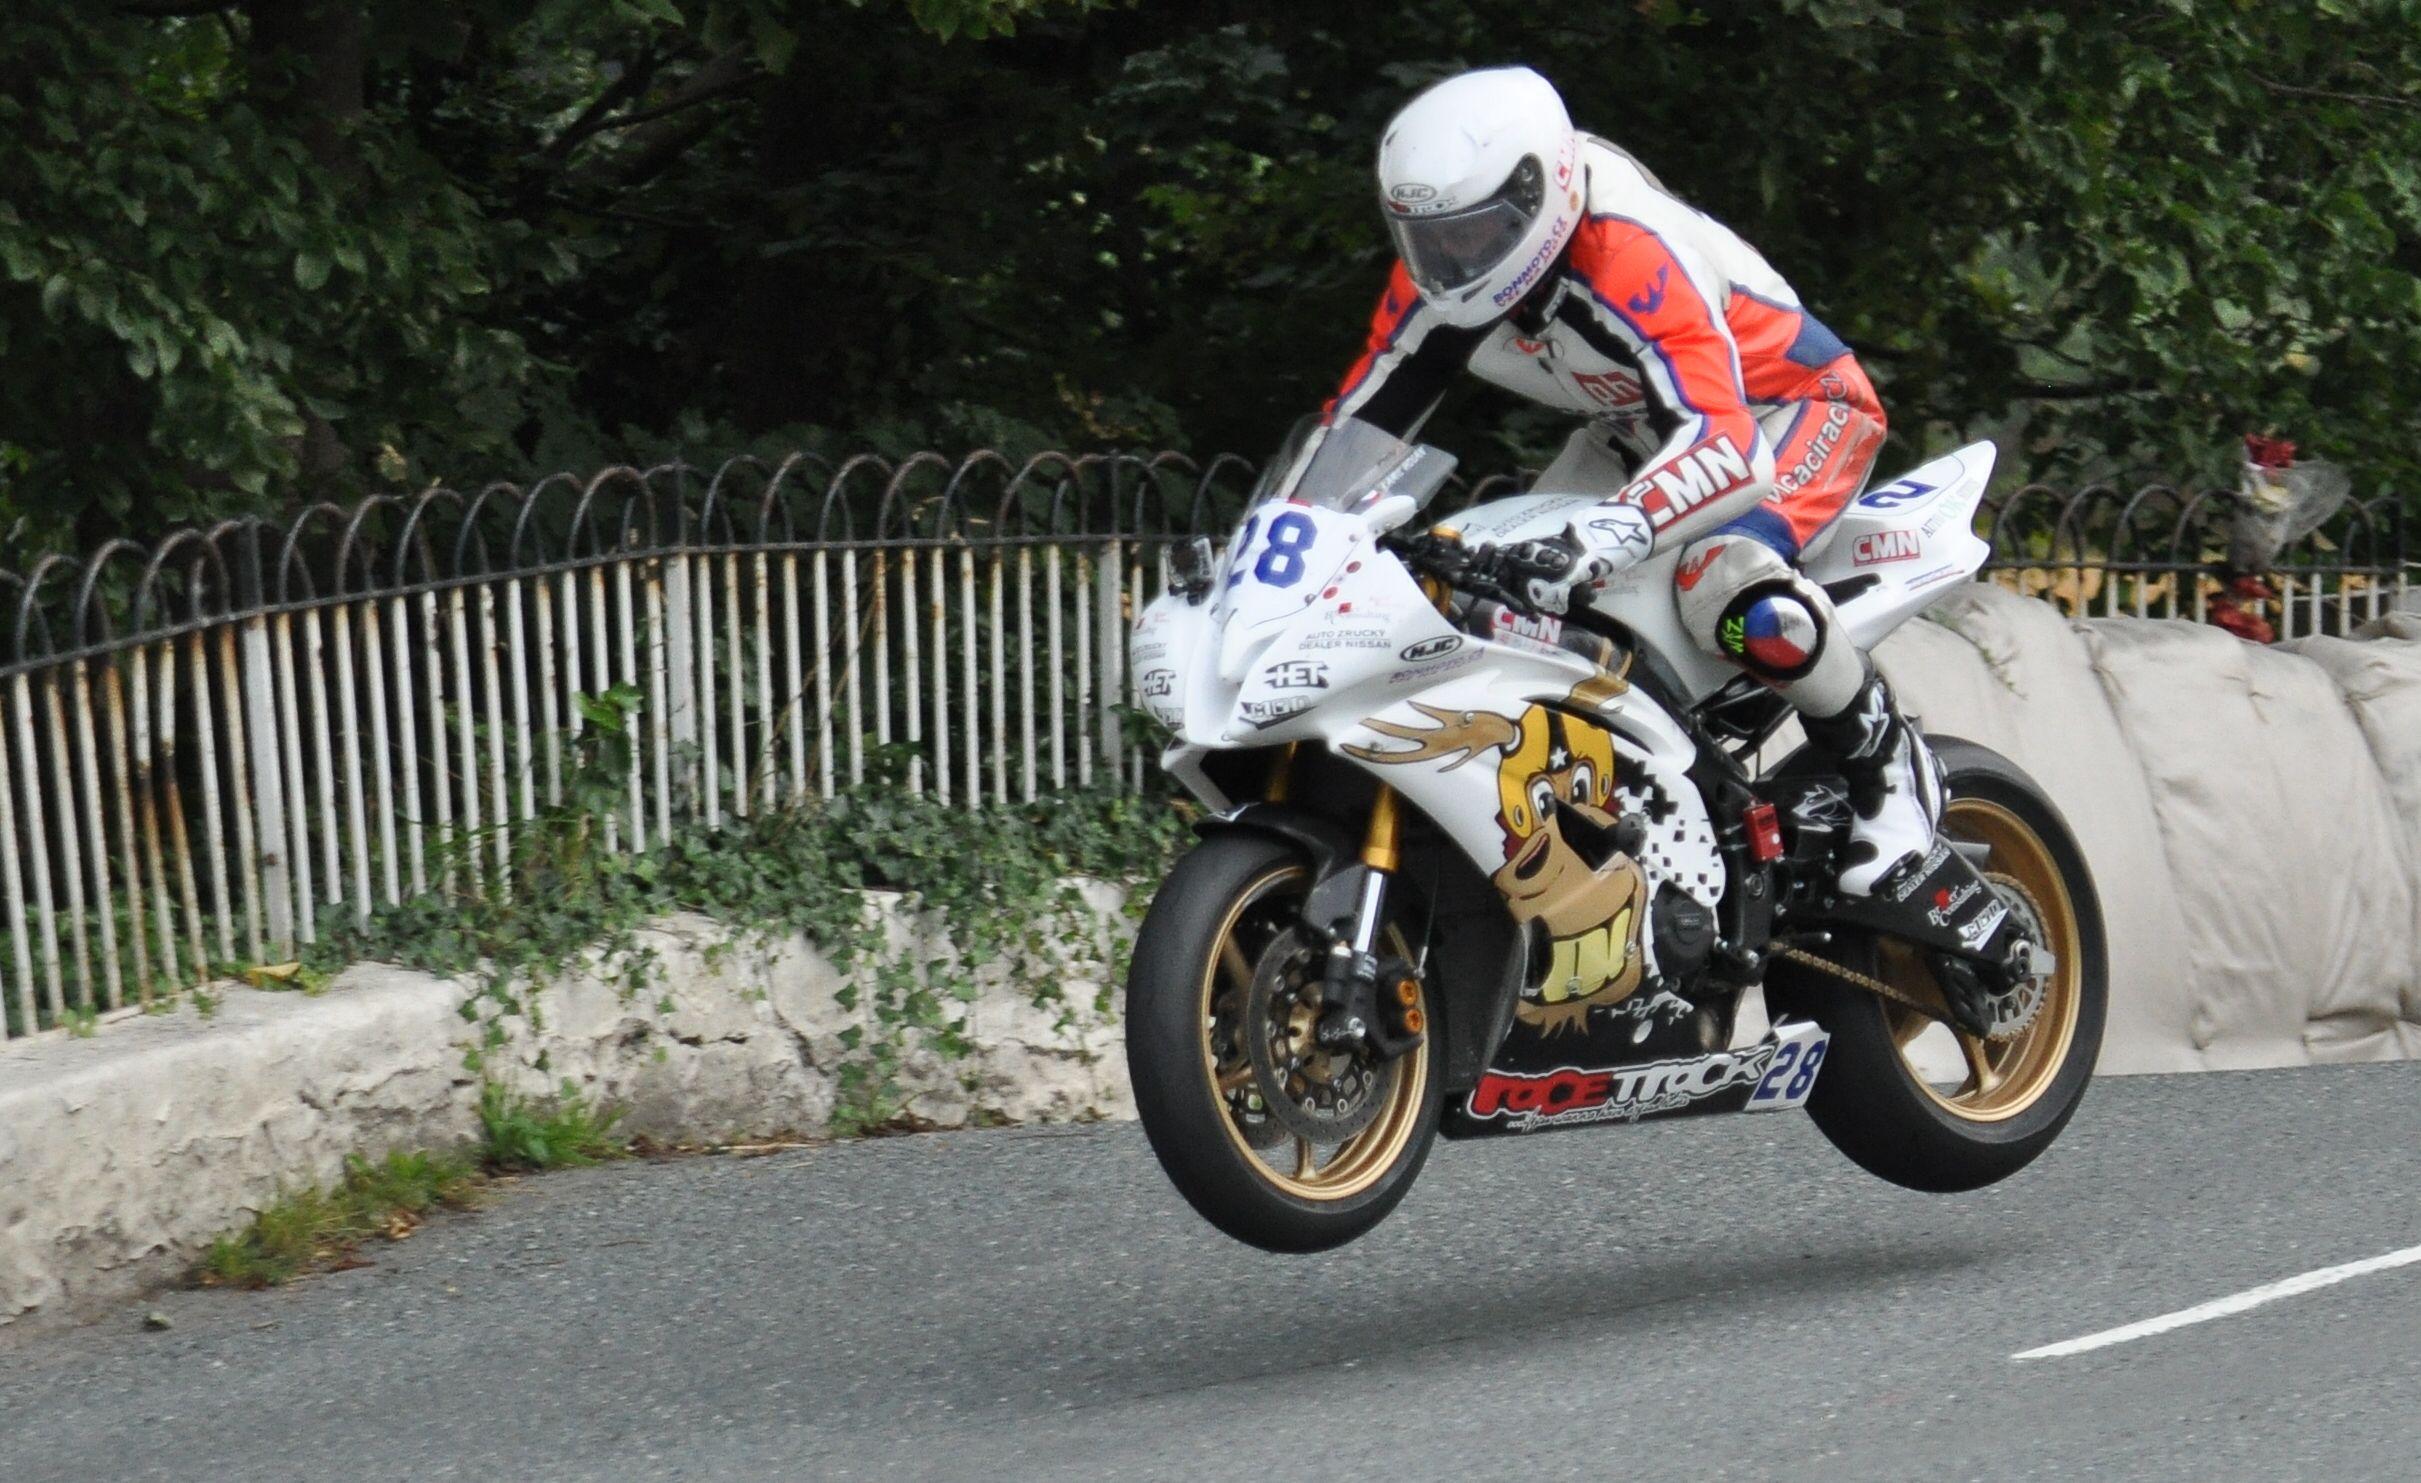 Kamil letí vzduchem ke svému vítězství v Manx Grand Prix na ostrově Man